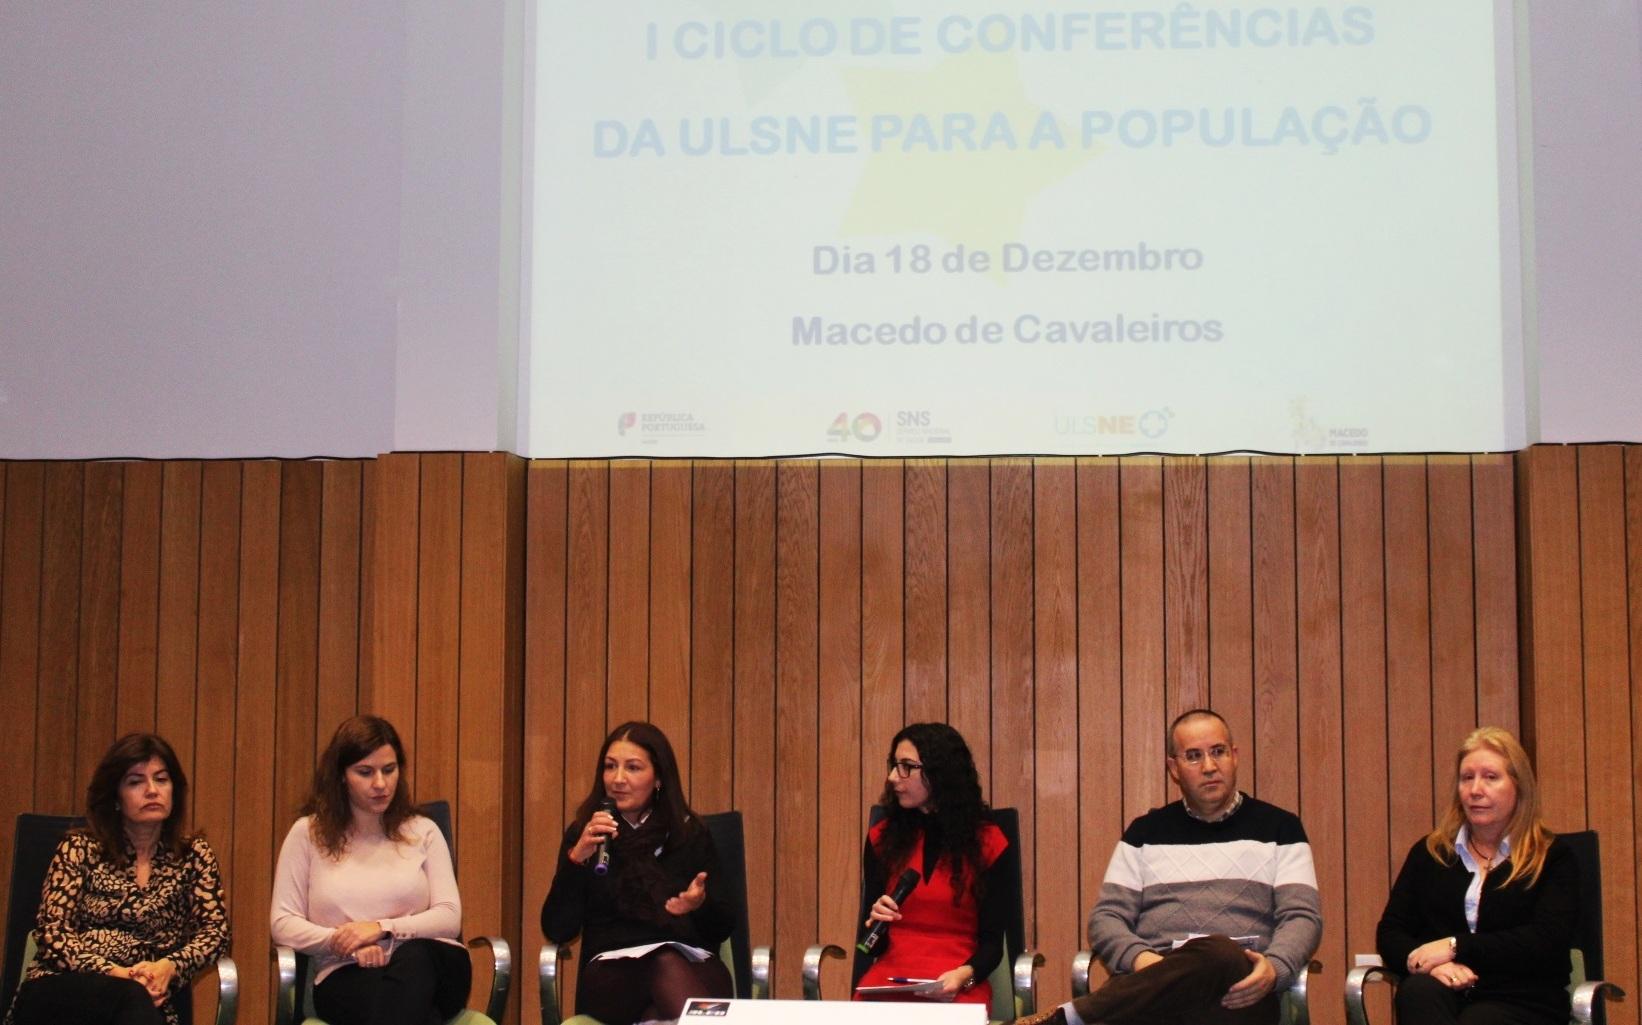 ULSNE quer aumentar os conhecimentos do doente sobre cuidados de saúde